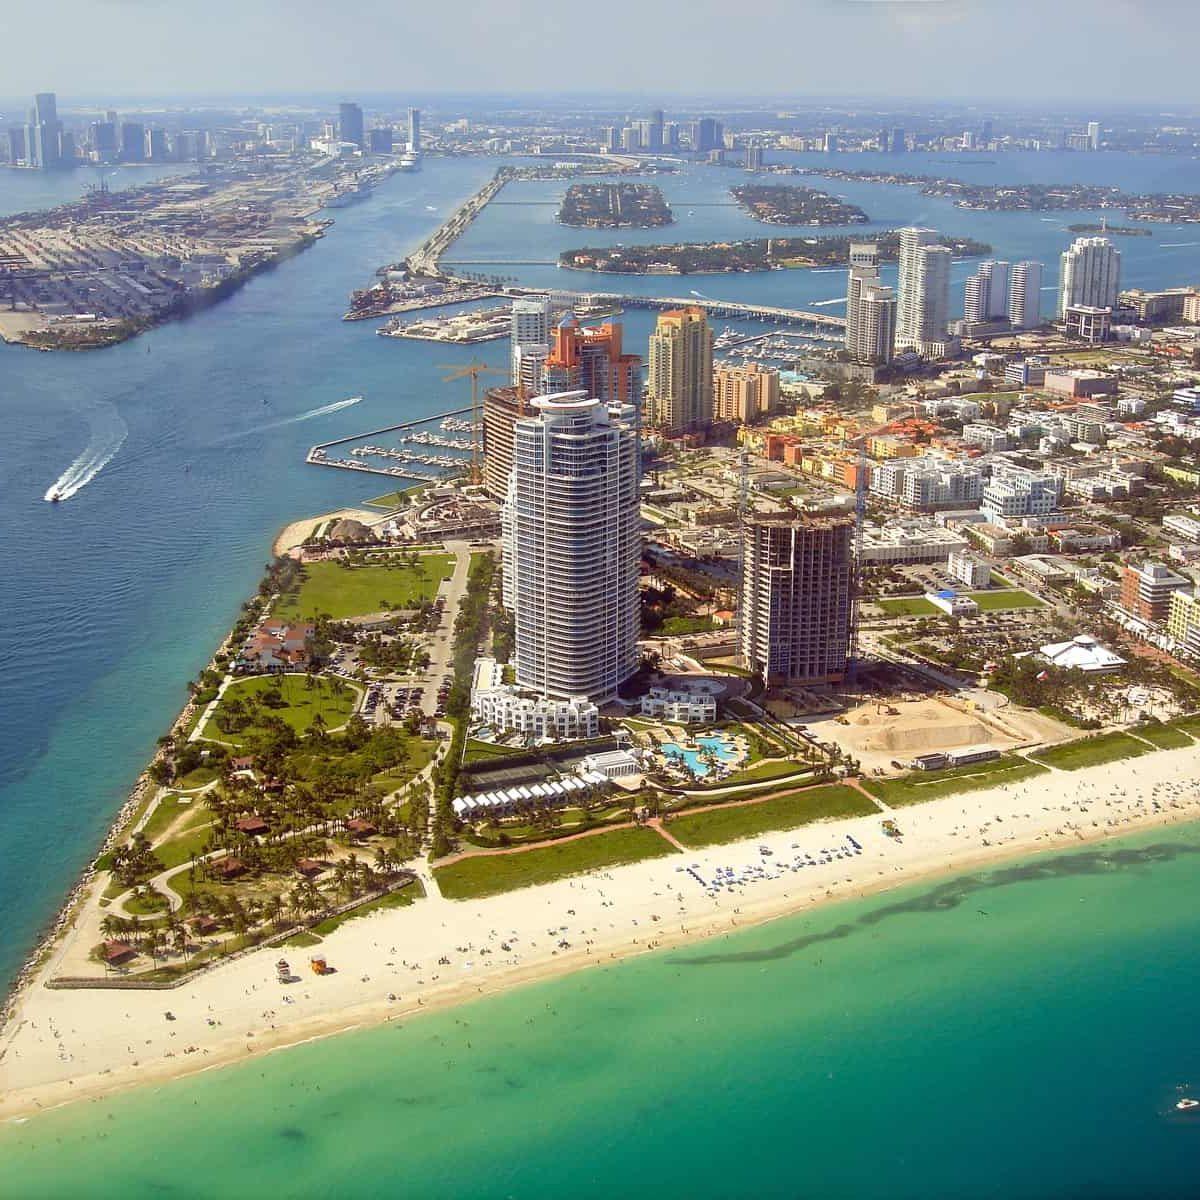 Miami - Dallas, Houston, Miami Ó New York: Hoteles   3 Noches   2021